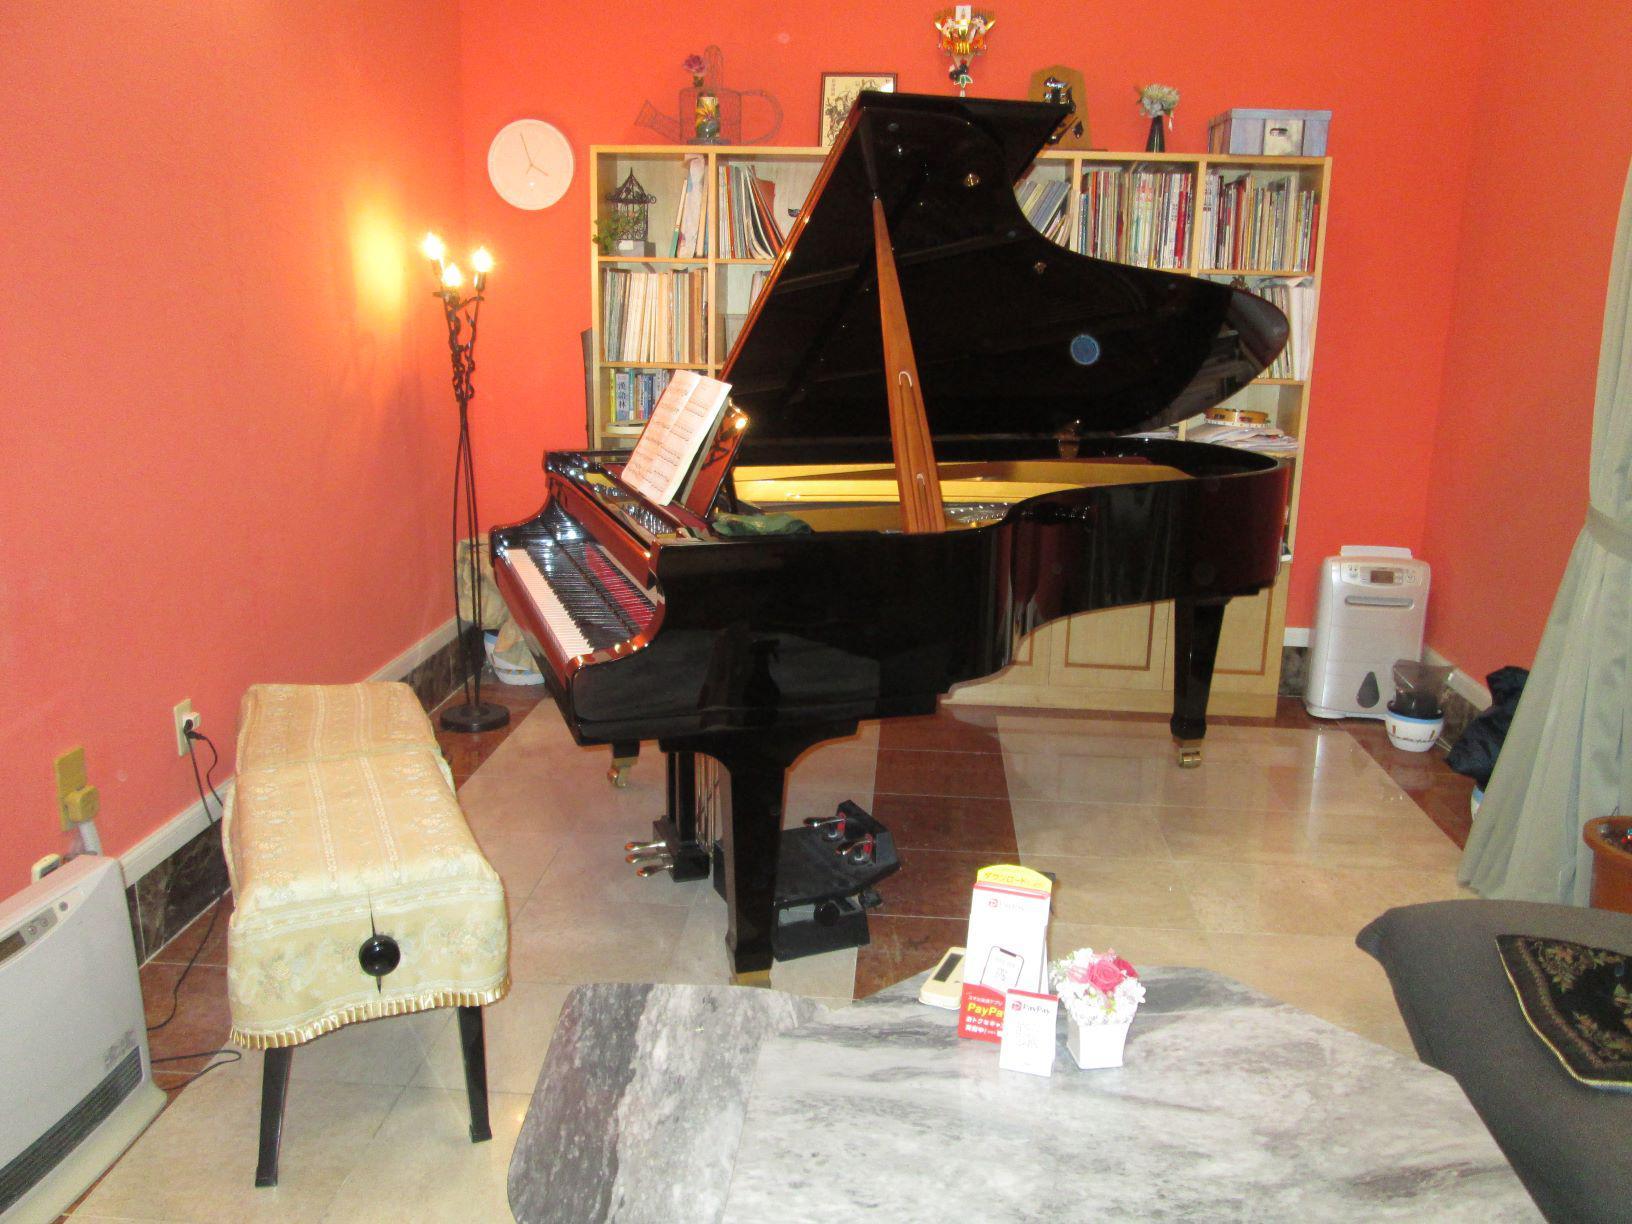 本日、ピアノ演奏生配信を19:00~19:45行います。奮ってご参加ください!!(参加無料)